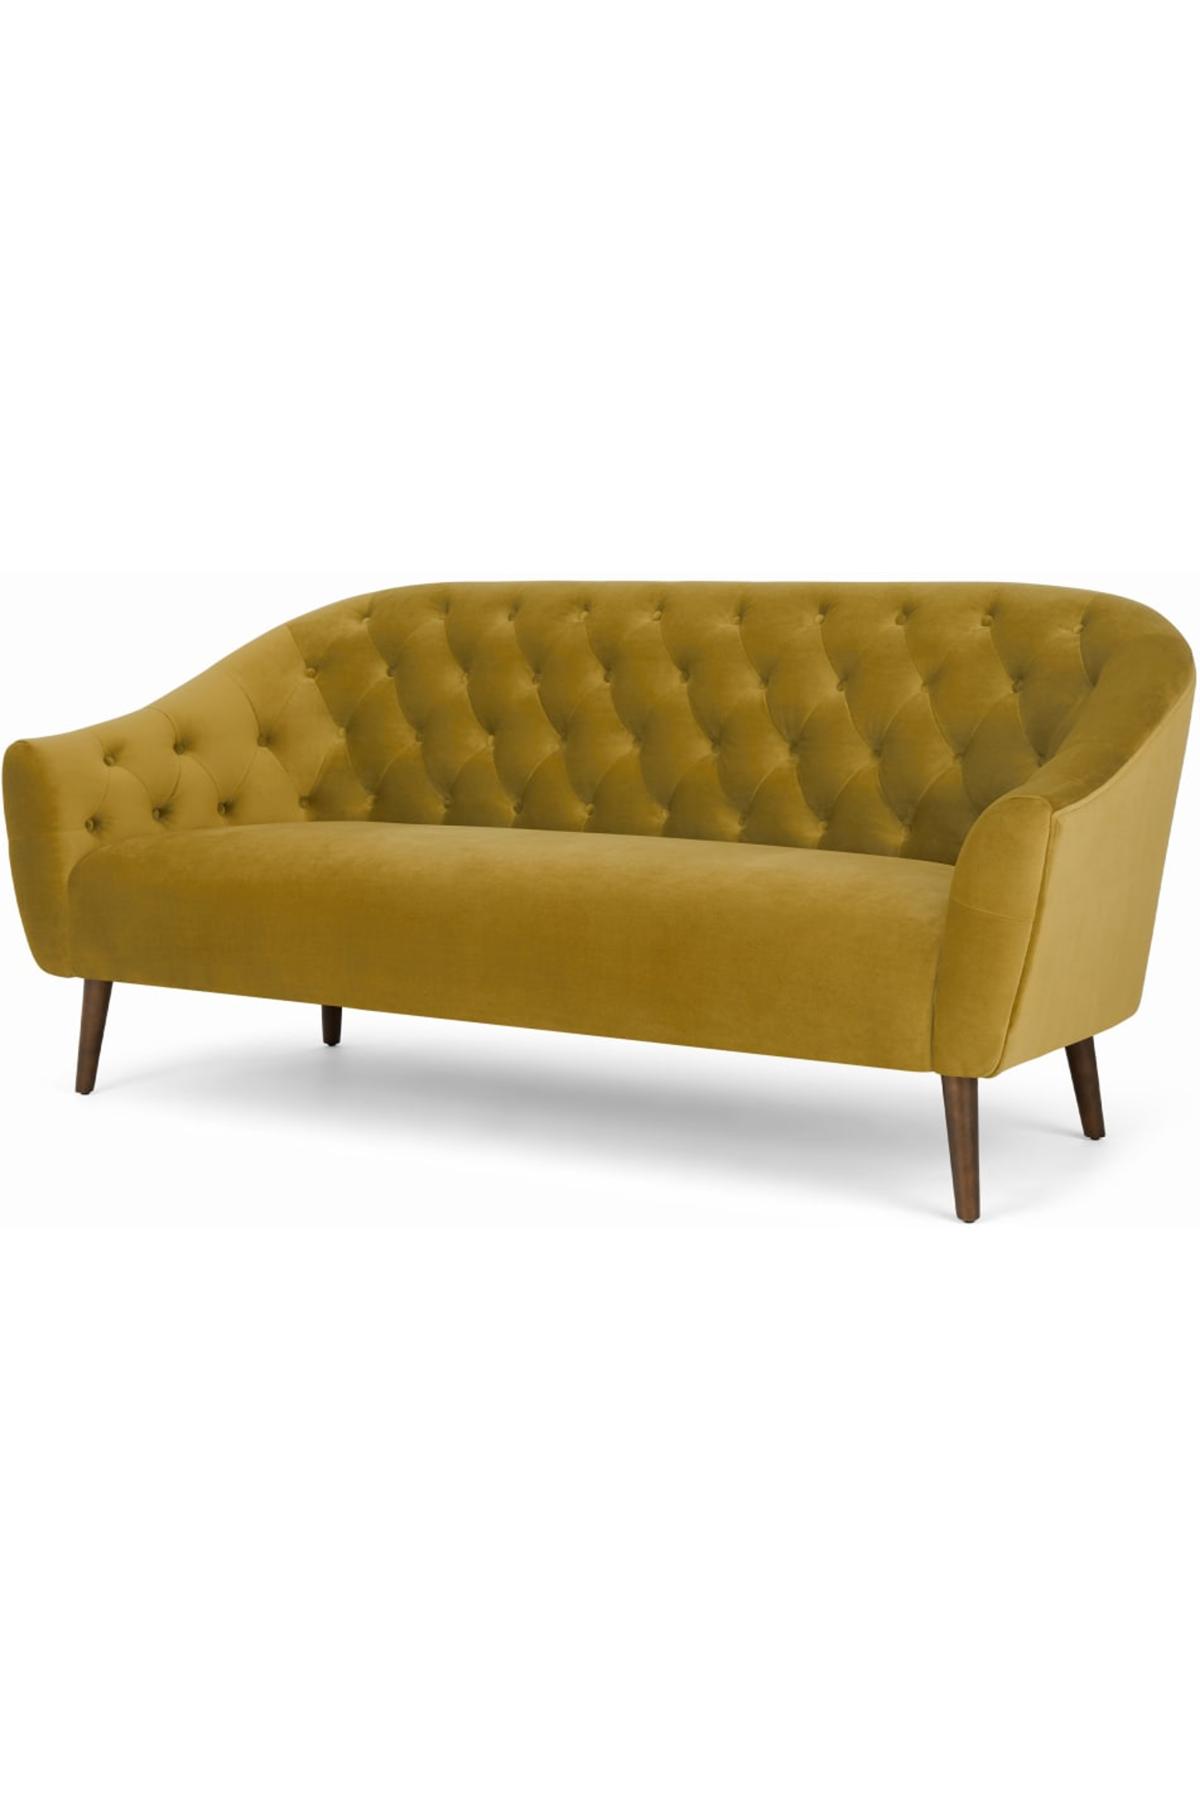 Tallulah 3 Seater Sofa Vintage Gold Velvet Gold Sofa 3 Seater